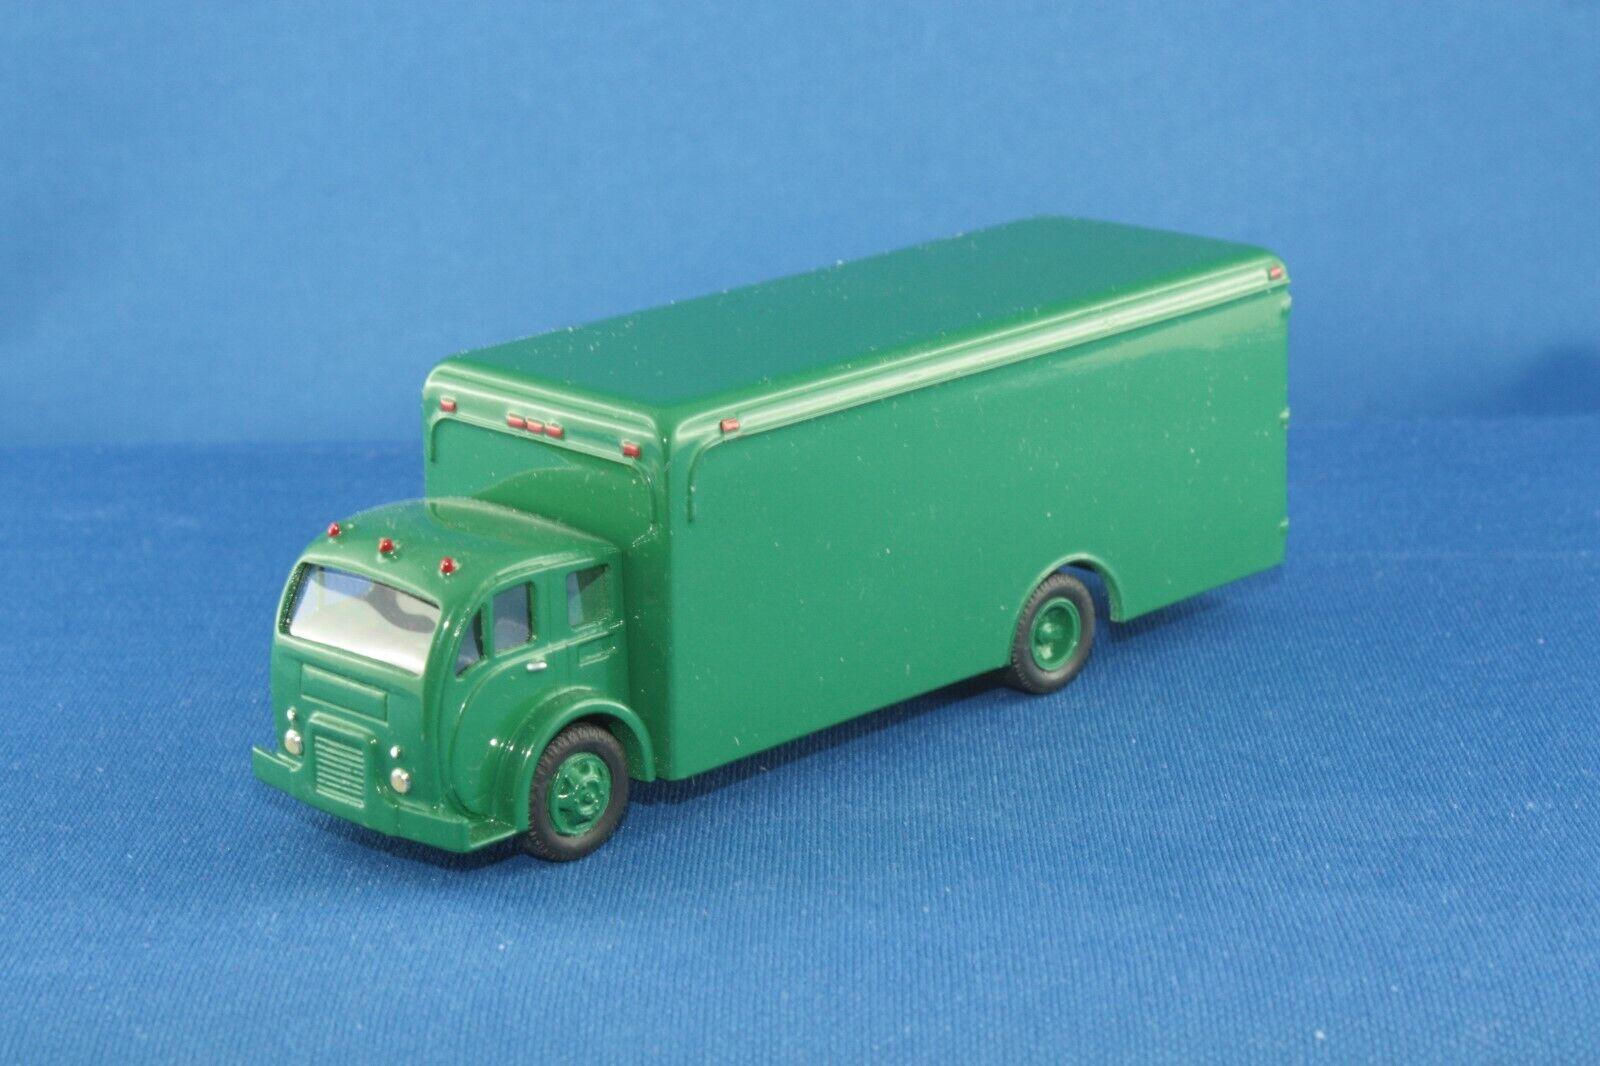 Resin petites séries modèle blanc 3000 Valise Camion Box Camion 1 87 h0 sans neuf dans sa boîte RARE